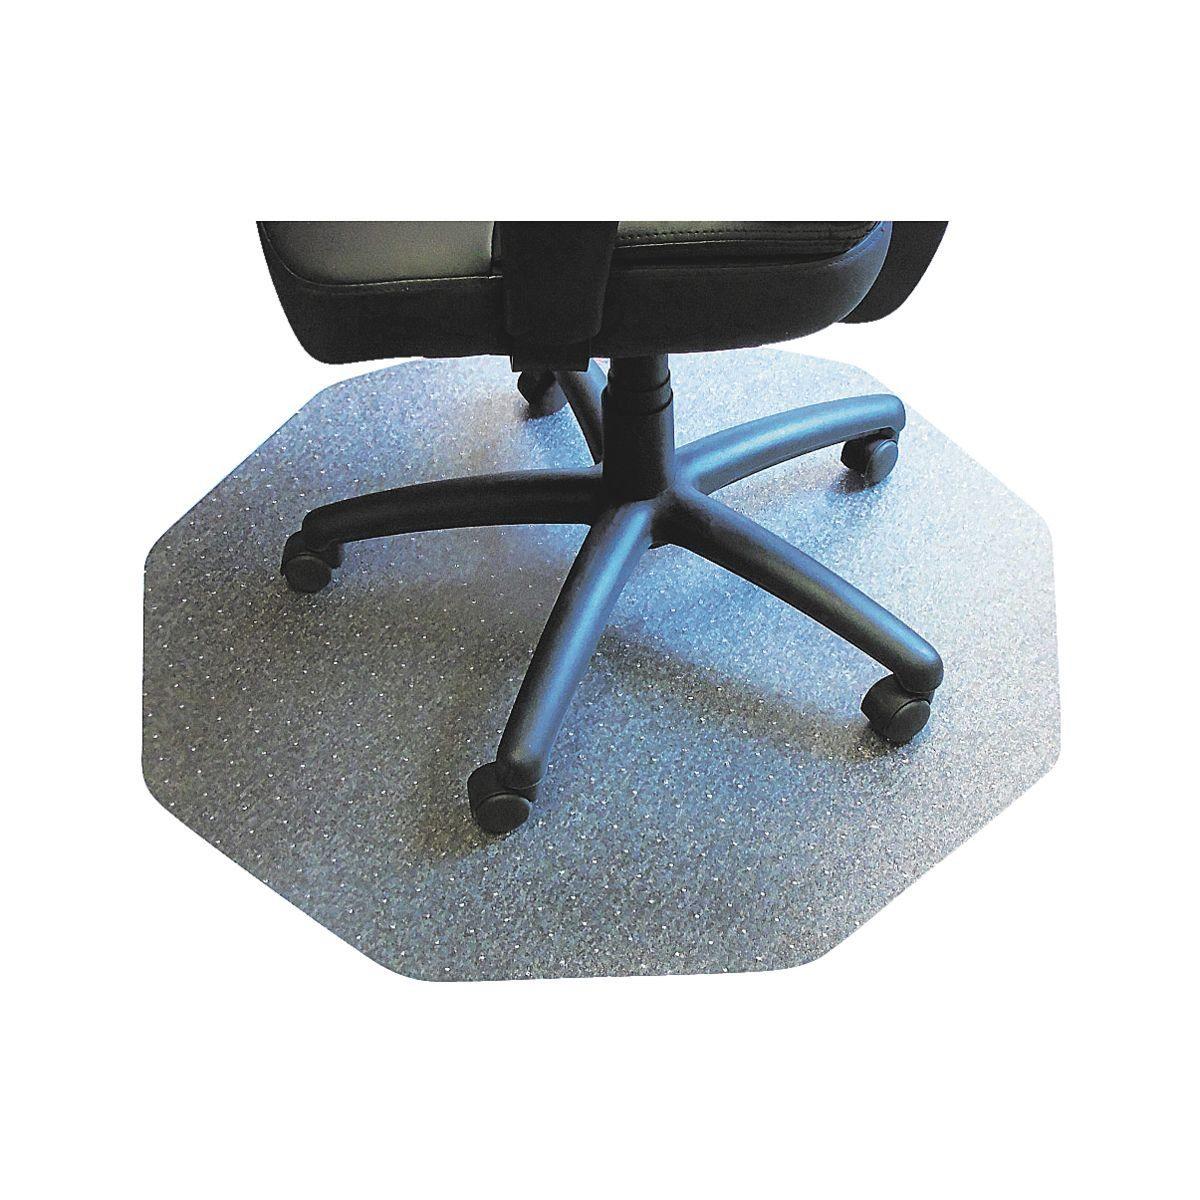 FLOORTEX Bodenschutzmatte, 9-eckig 100x100 cm, transparent, für ... »9mat«